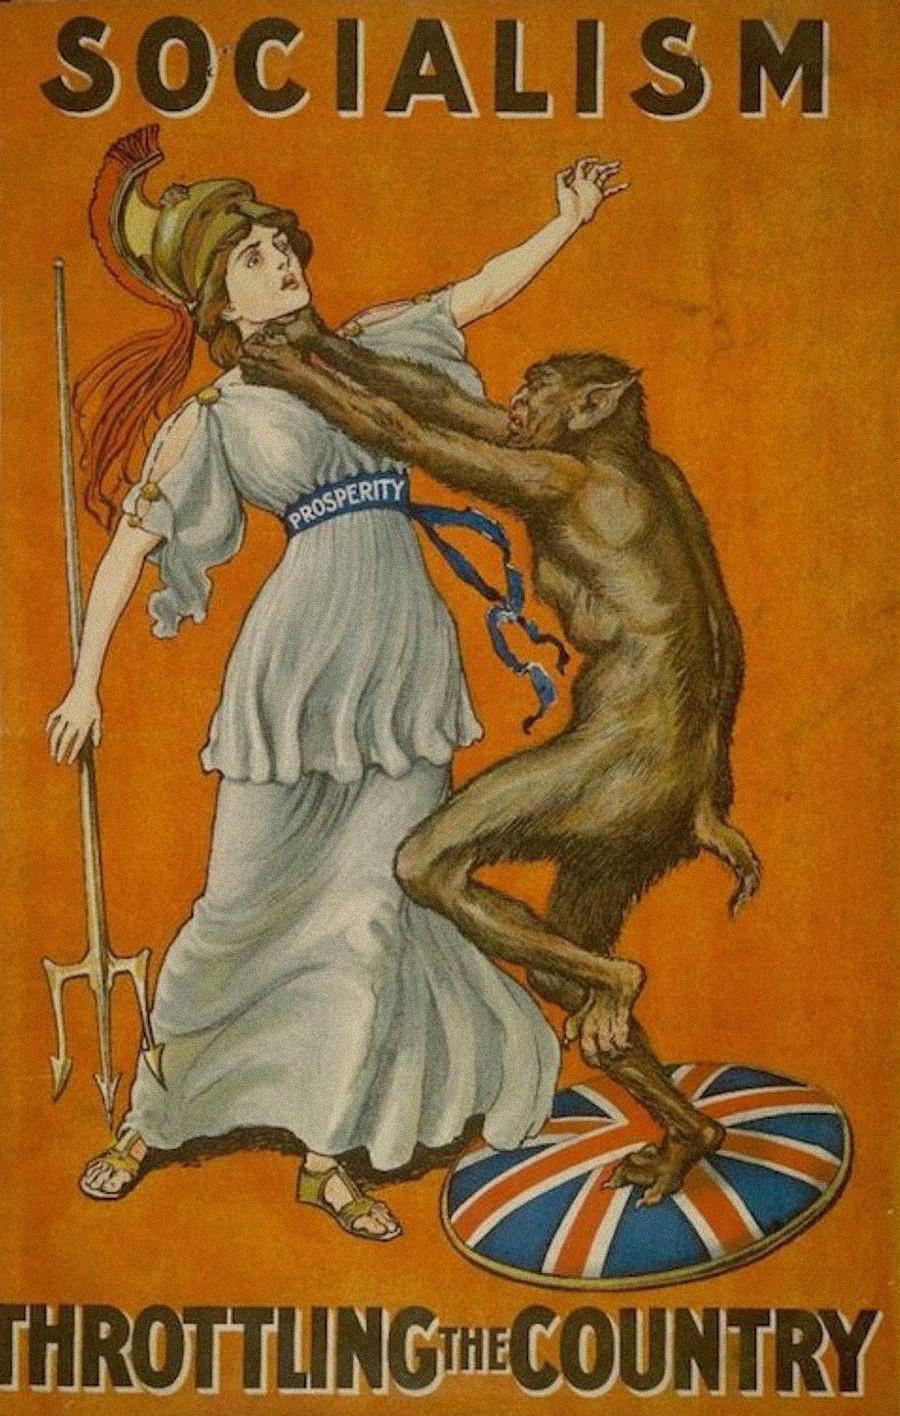 Този плакат е поръчан от Консервативната партия във Великобритания през 1909 г.